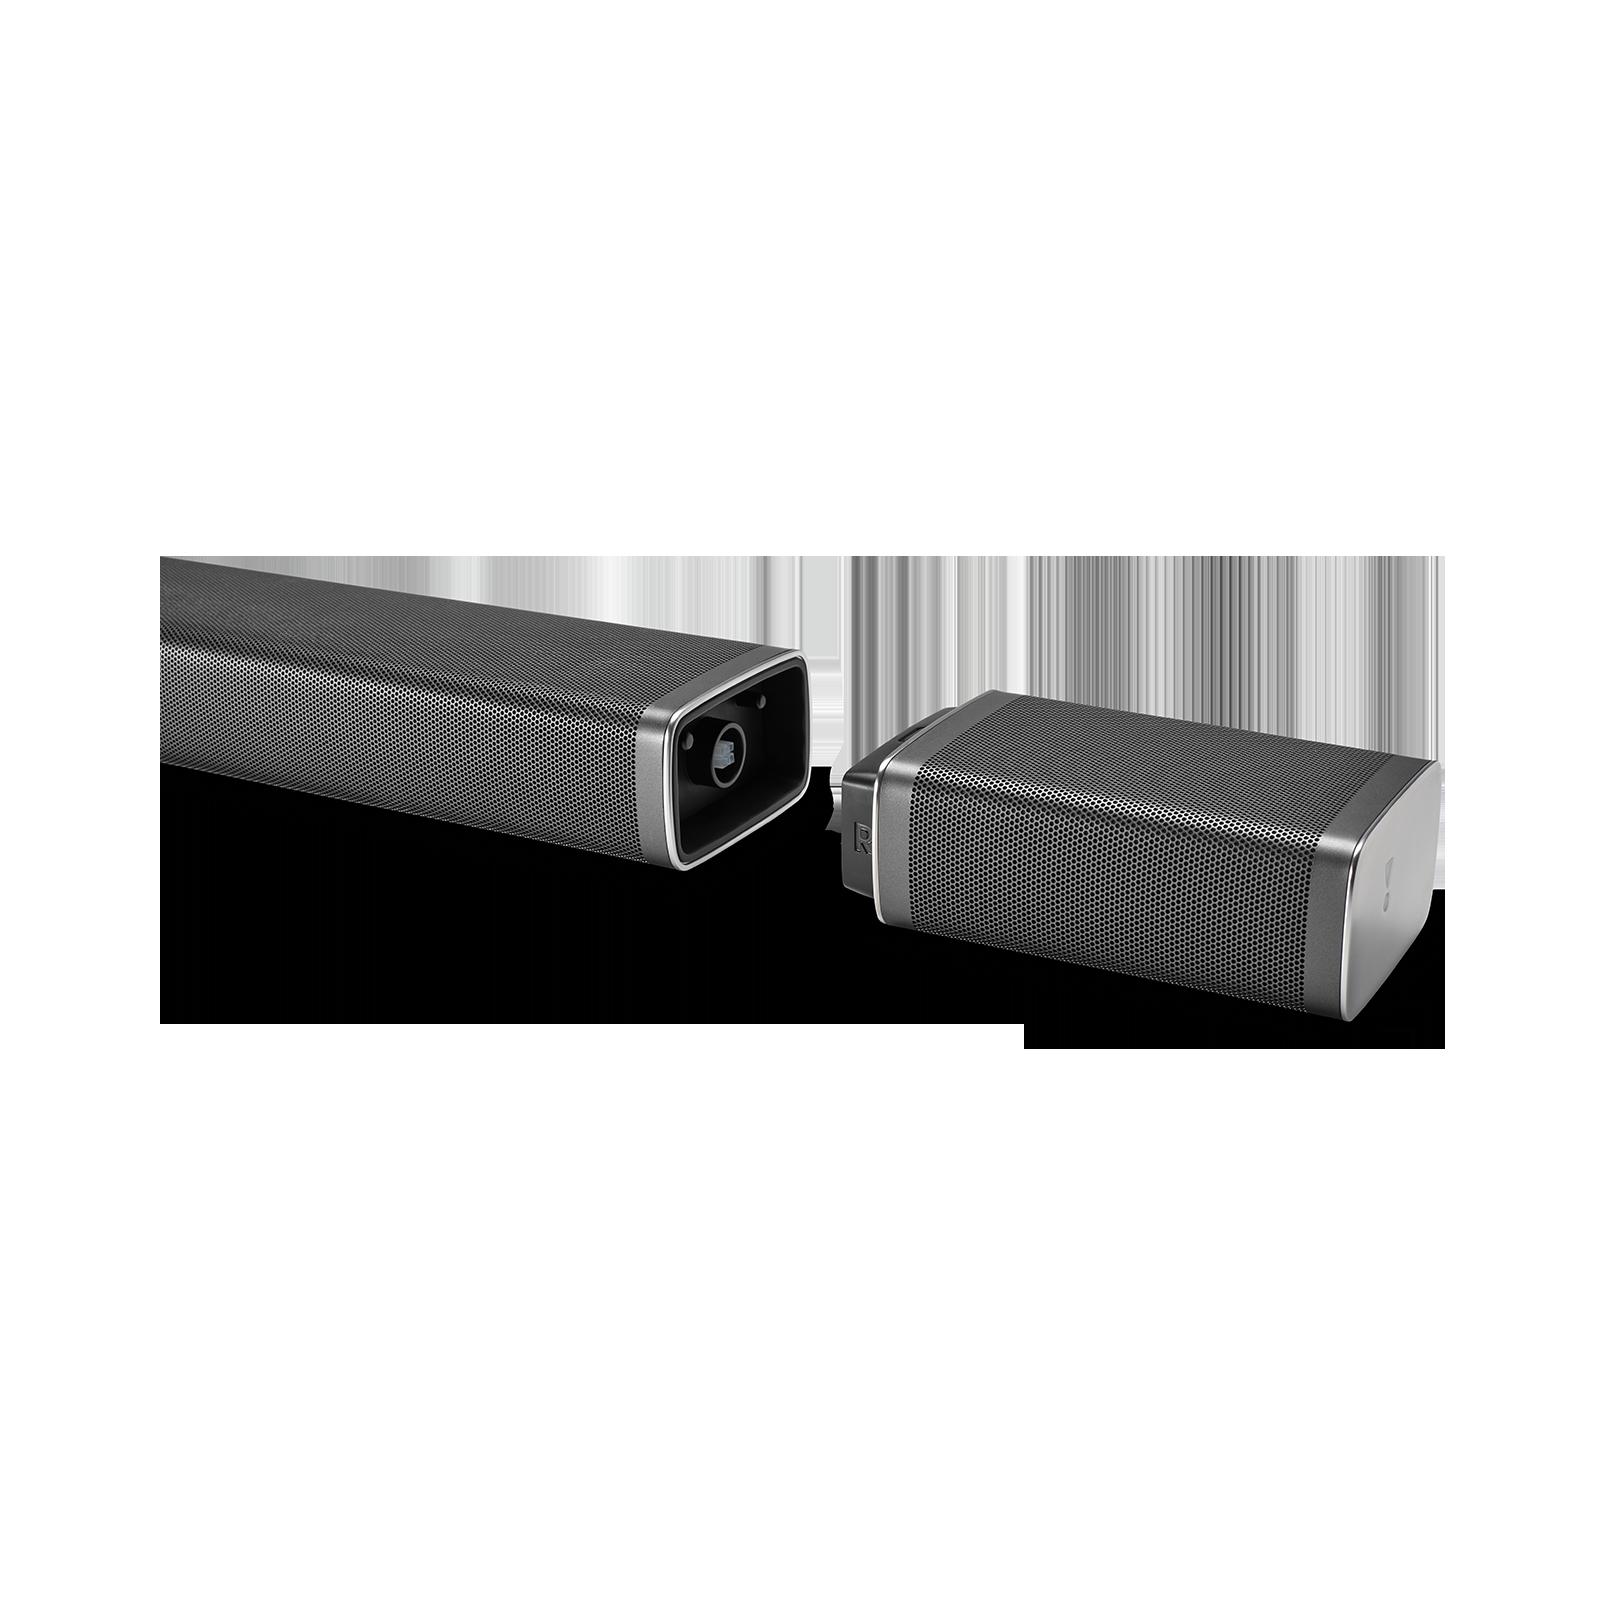 JBL Bar 5.1 - Black - 5.1-Channel 4K Ultra HD Soundbar with True Wireless Surround Speakers - Detailshot 1